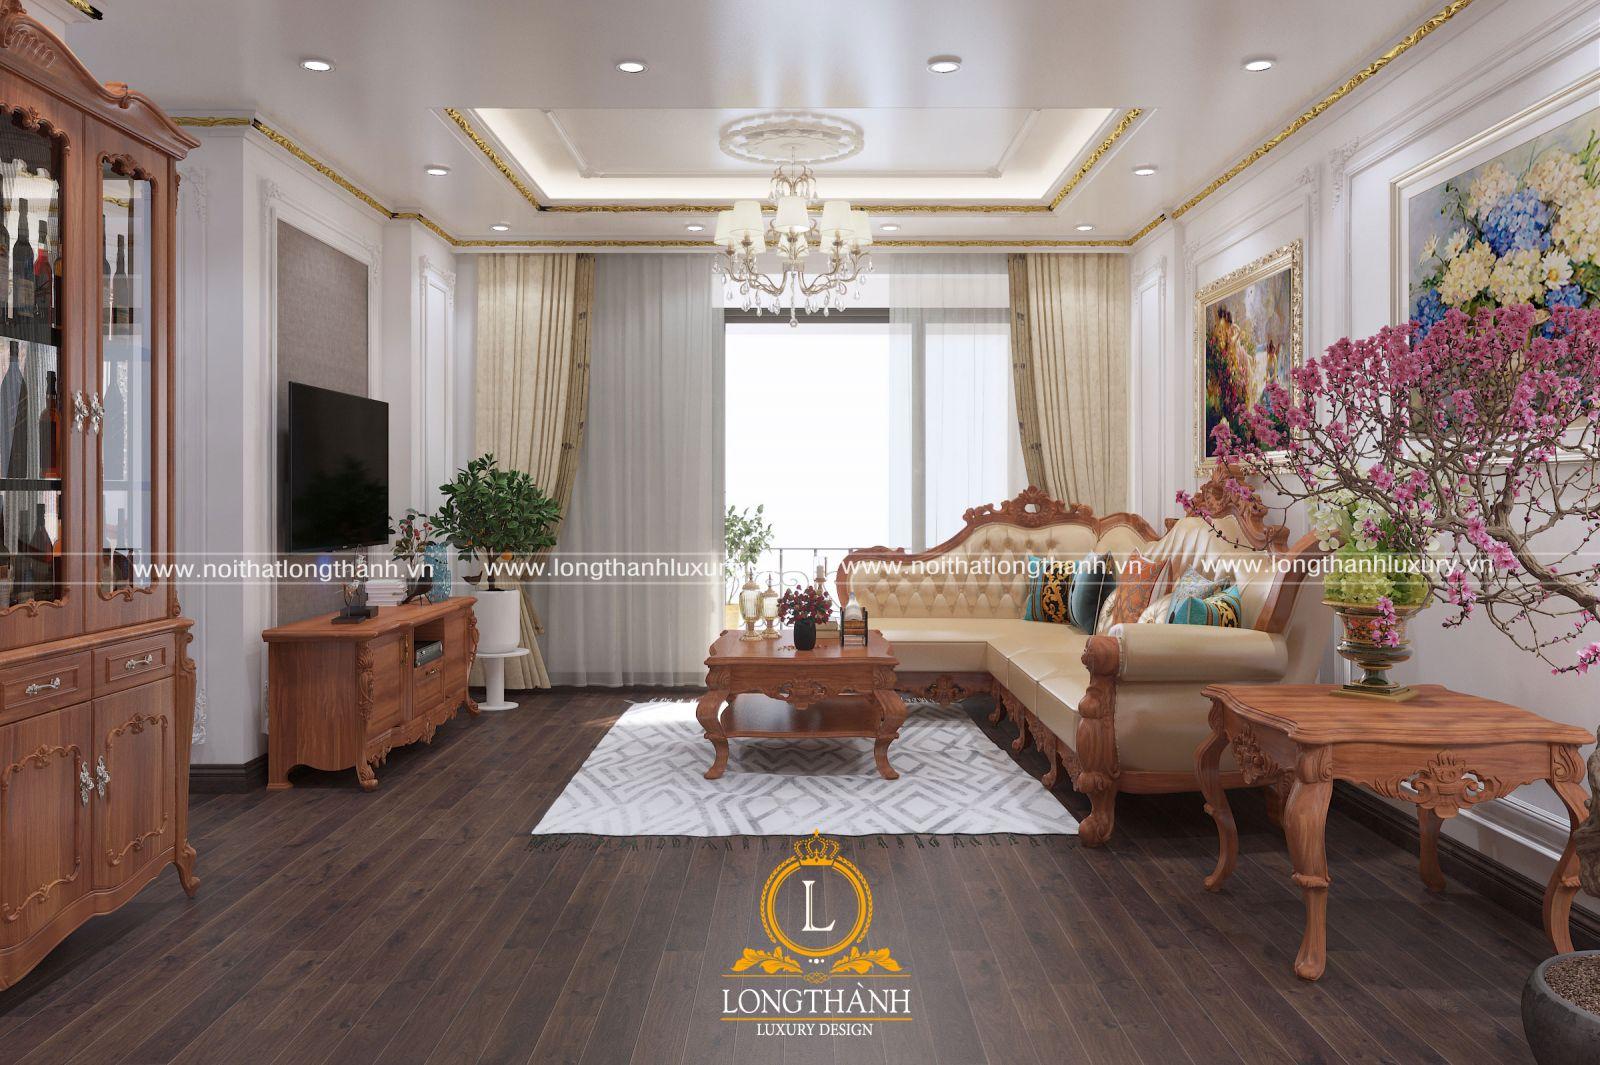 Thiết kế sofa gỗ tự nhiên tân cổ điển góc L cho phòng khách chung cư